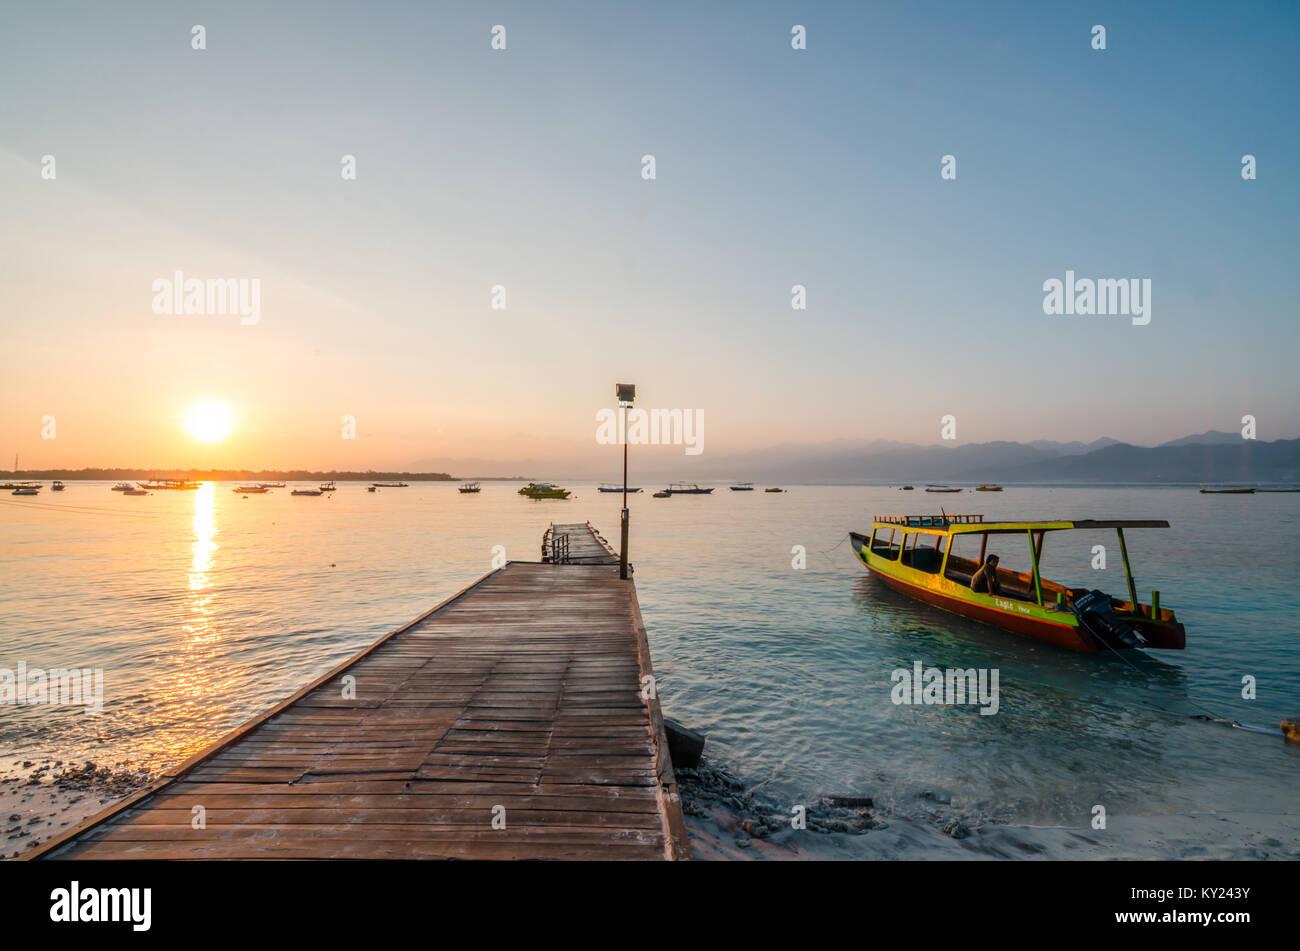 Belle plage de Gili Trawangan, ou simplement Gili T, est la plus grande des trois îles Gili au large de Lombok. Photo Stock